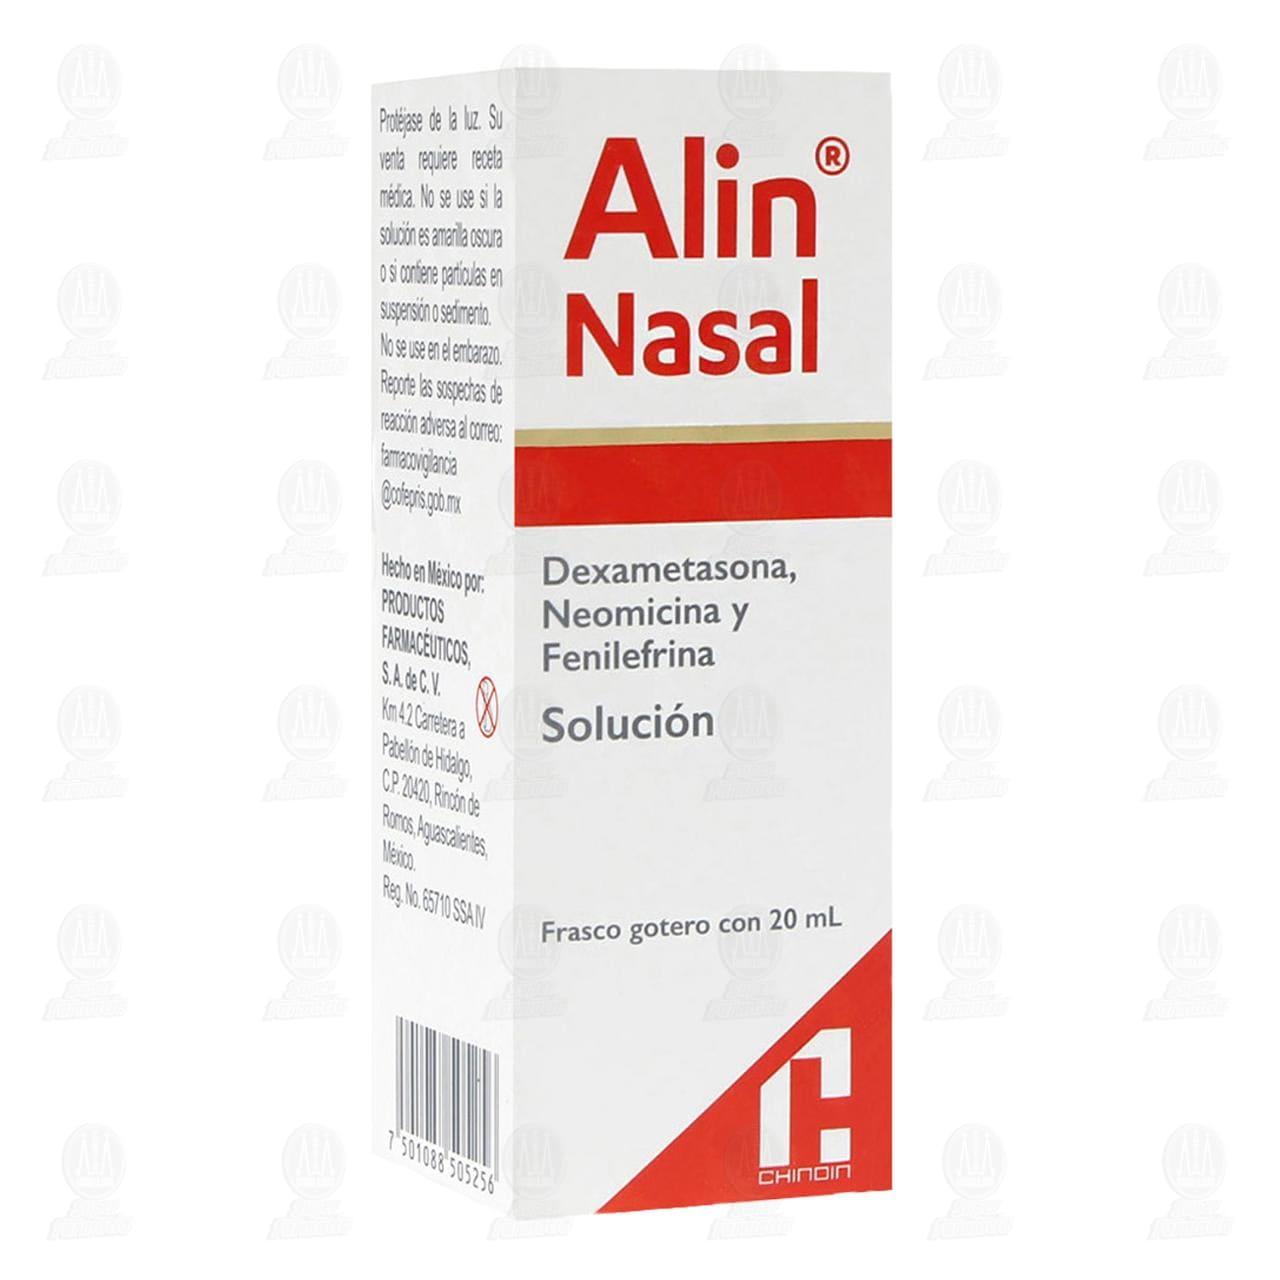 Alin Nasal 20ml Solución